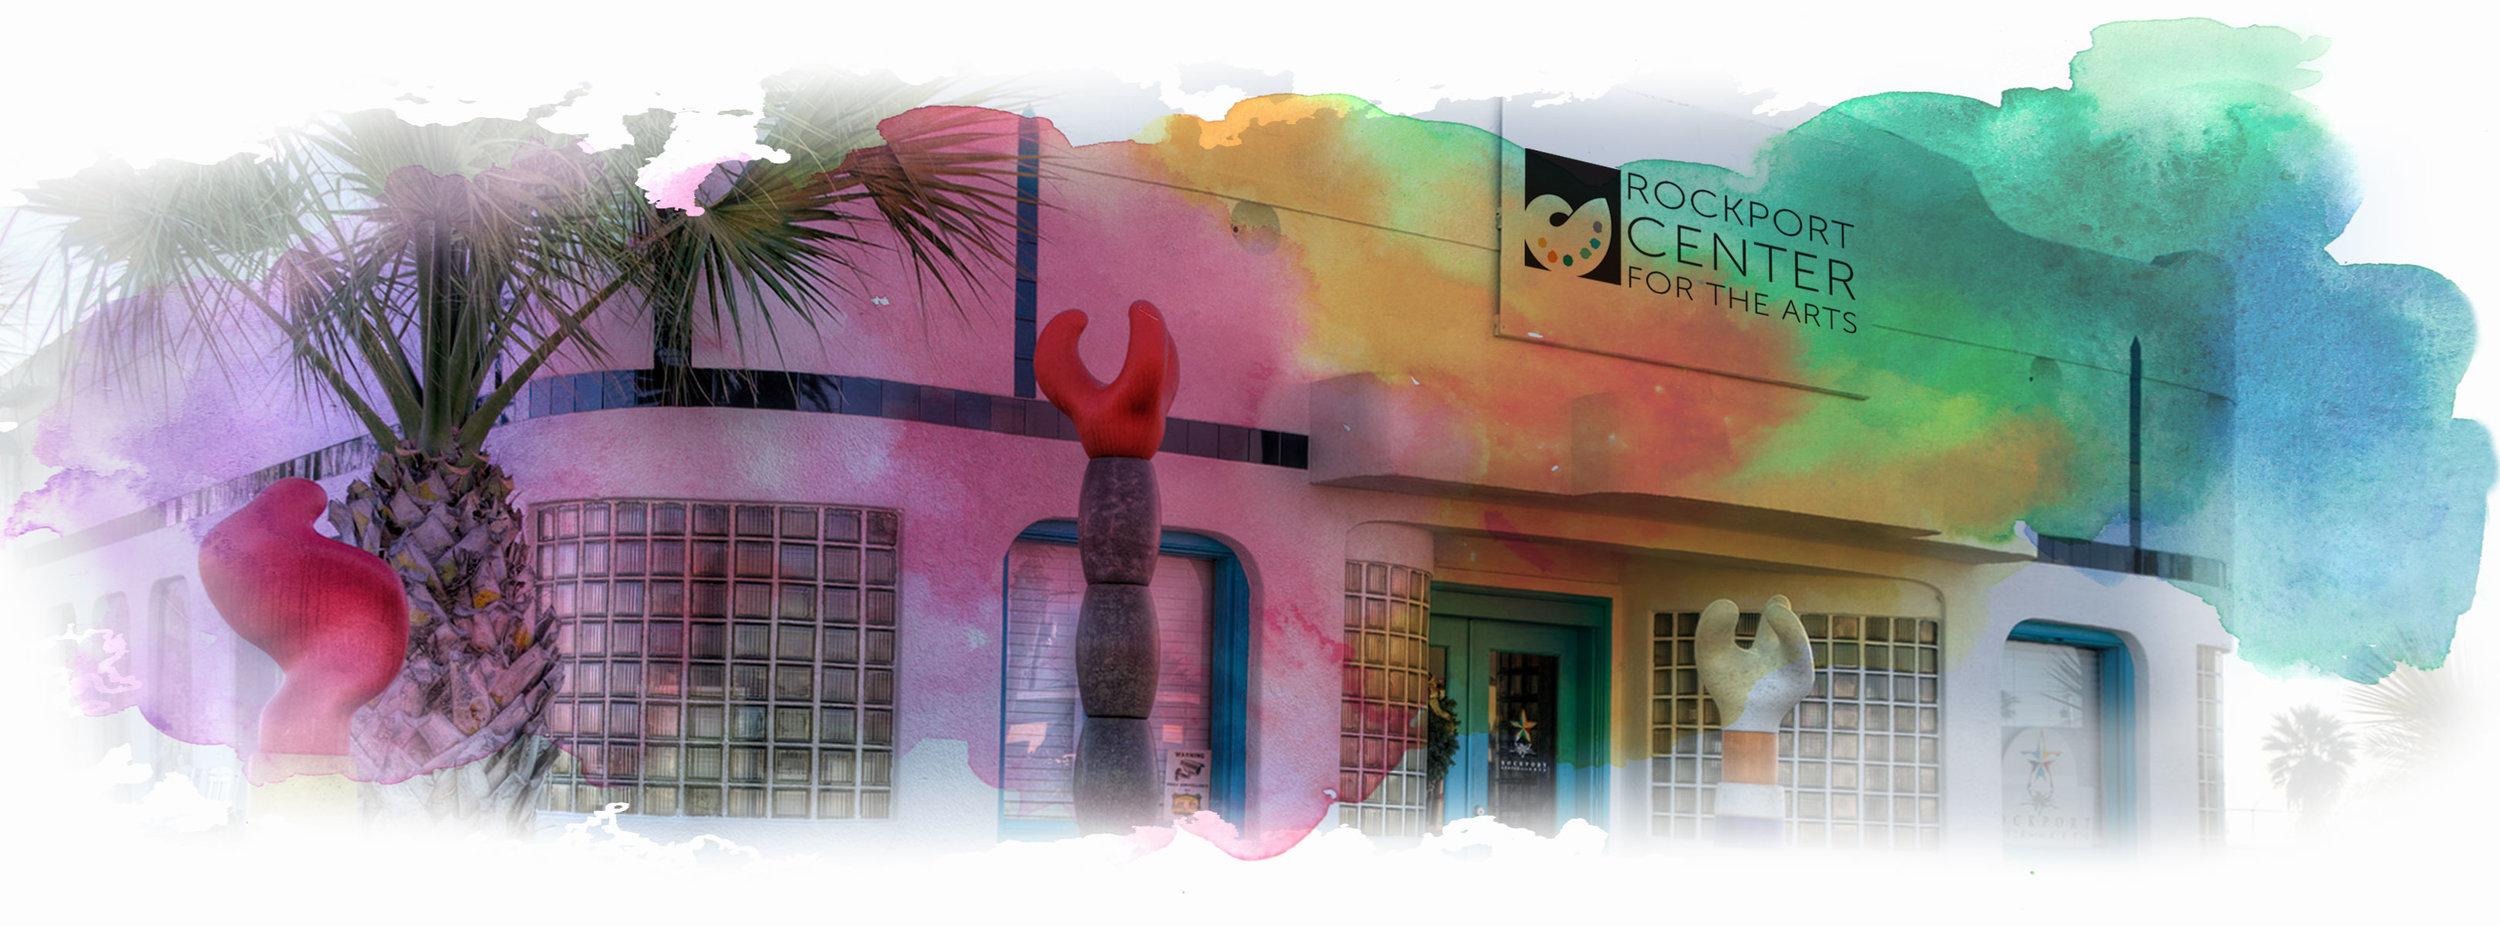 RCA_BuildingFront_allcolors.jpg